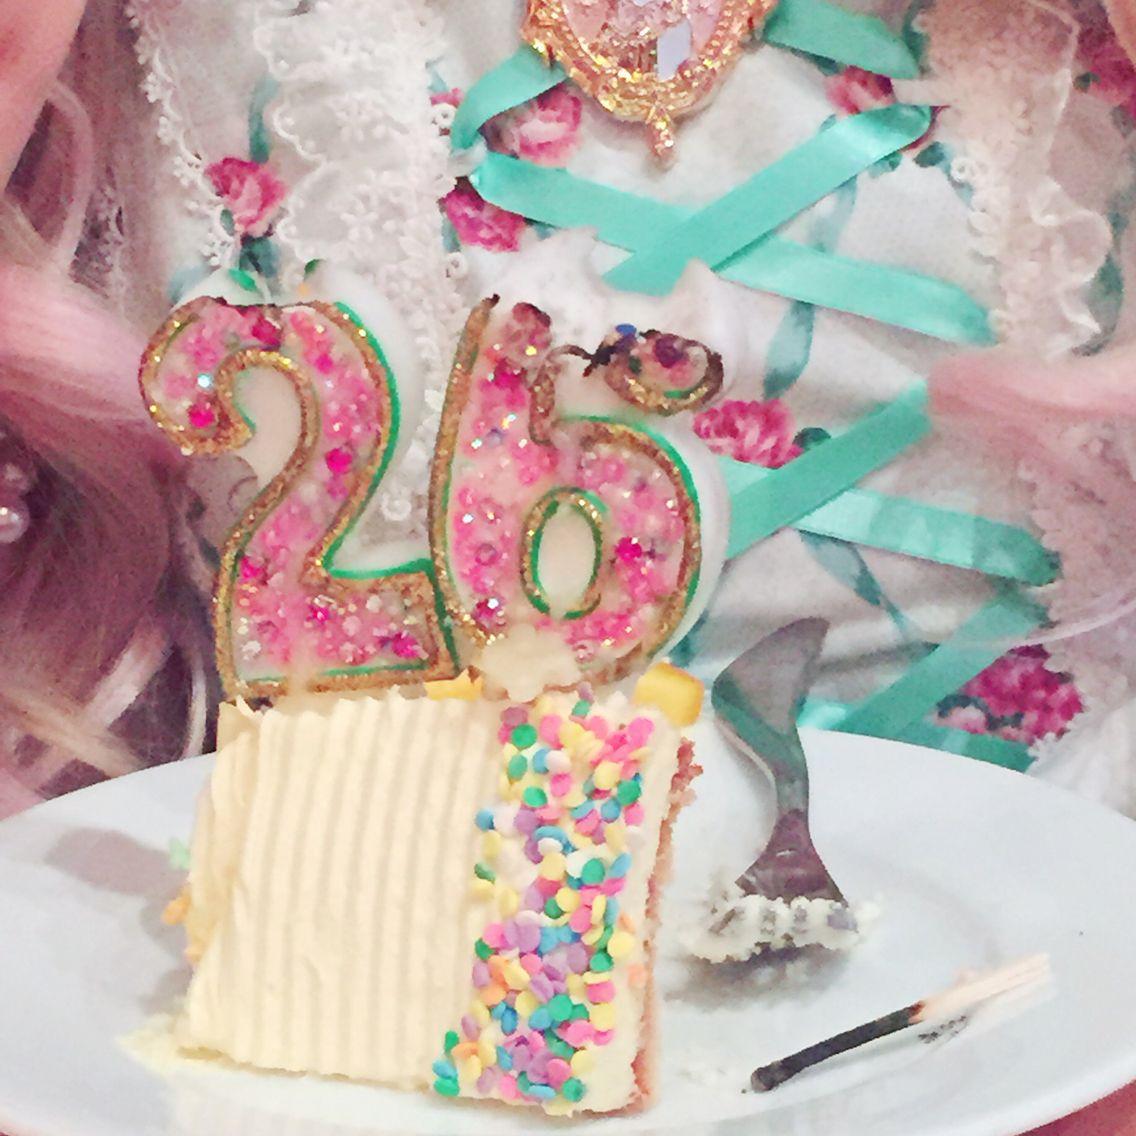 Crystal deco rhinestone birthday candles